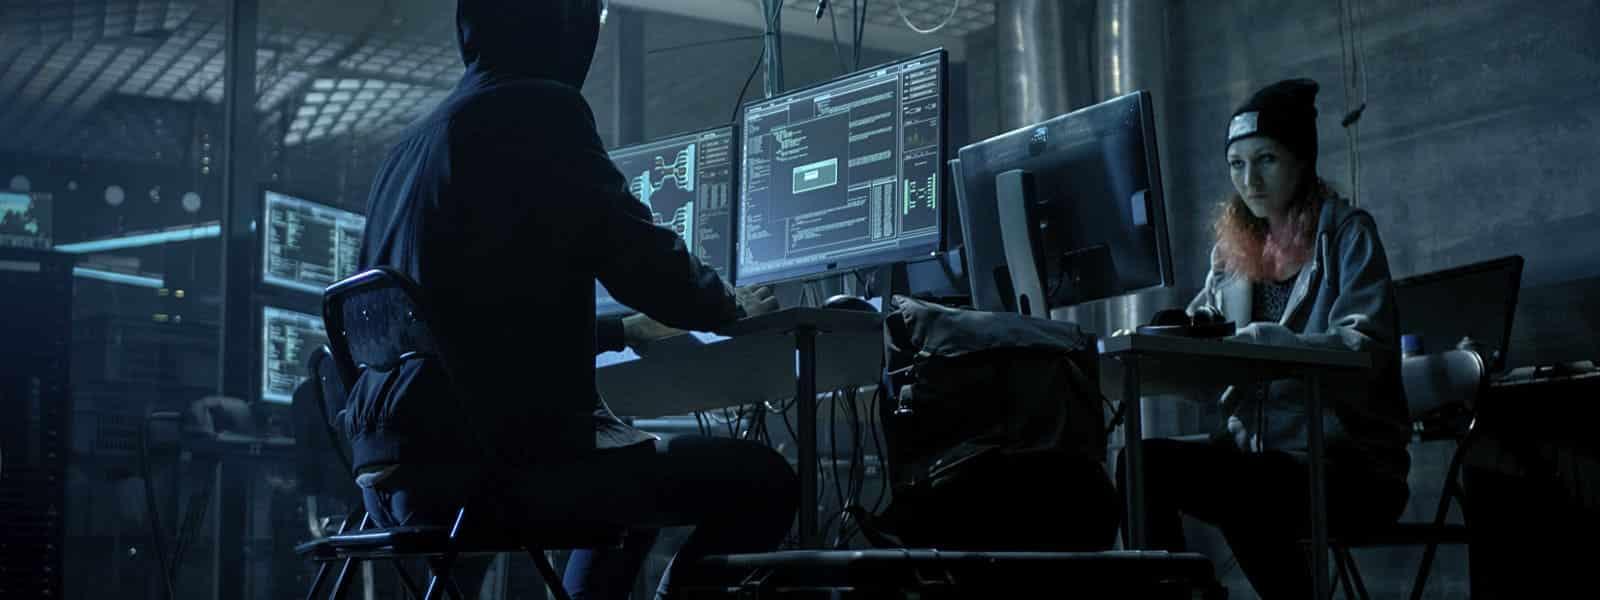 Cybercrime - Schutz bietet die Cyberversicherung